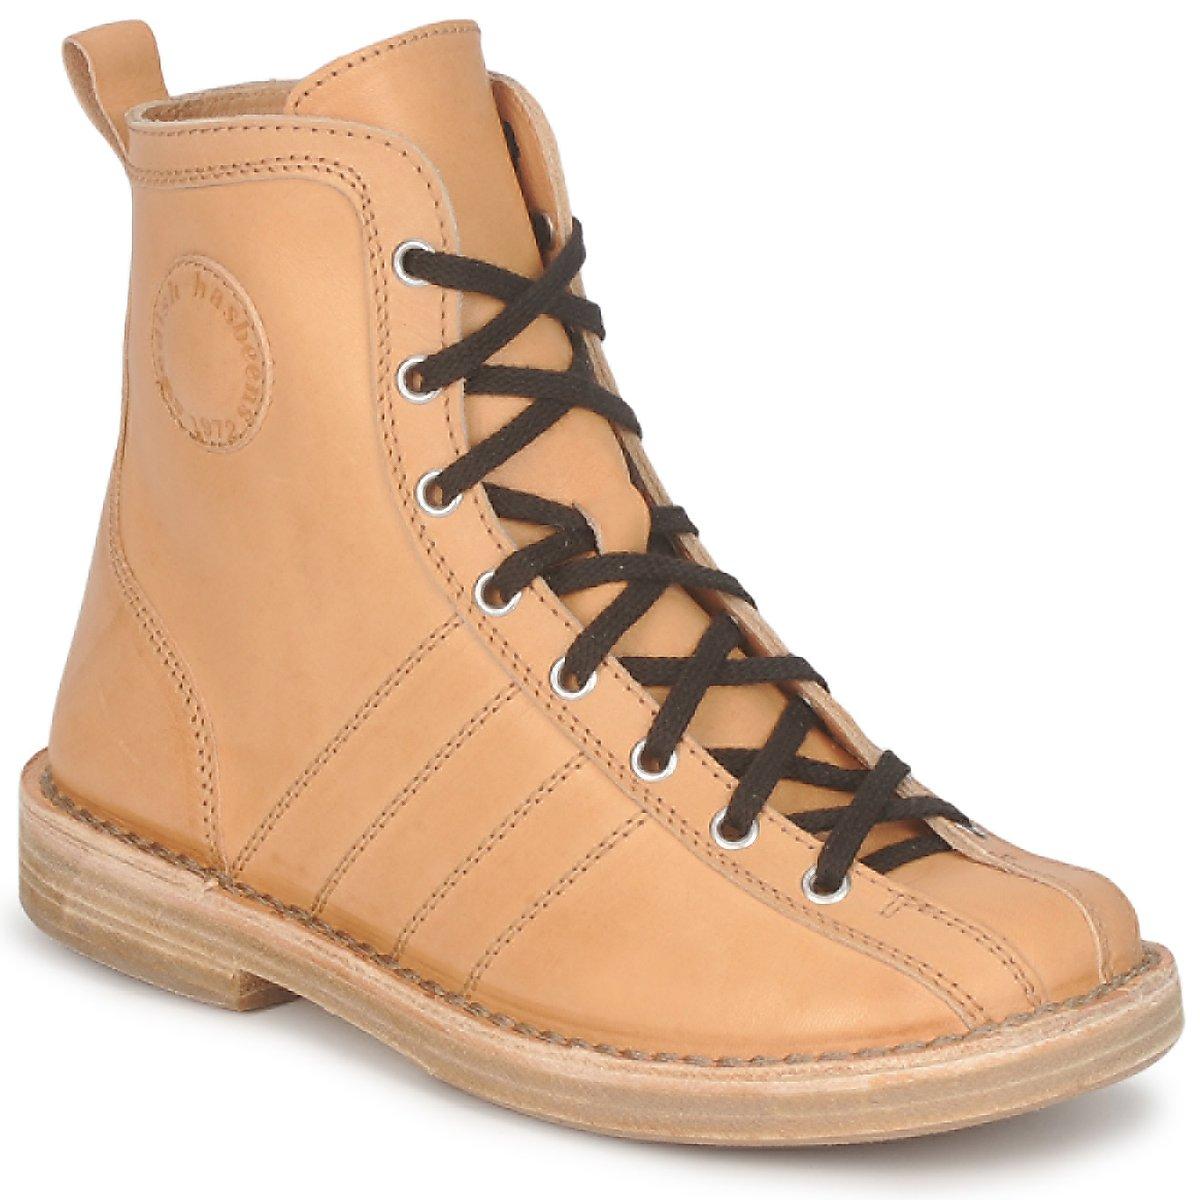 Swedish hasbeens VINTAGE BOWLING BOOT Beige - Kostenloser Versand bei Spartoode ! - Schuhe Boots Damen 194,50 €